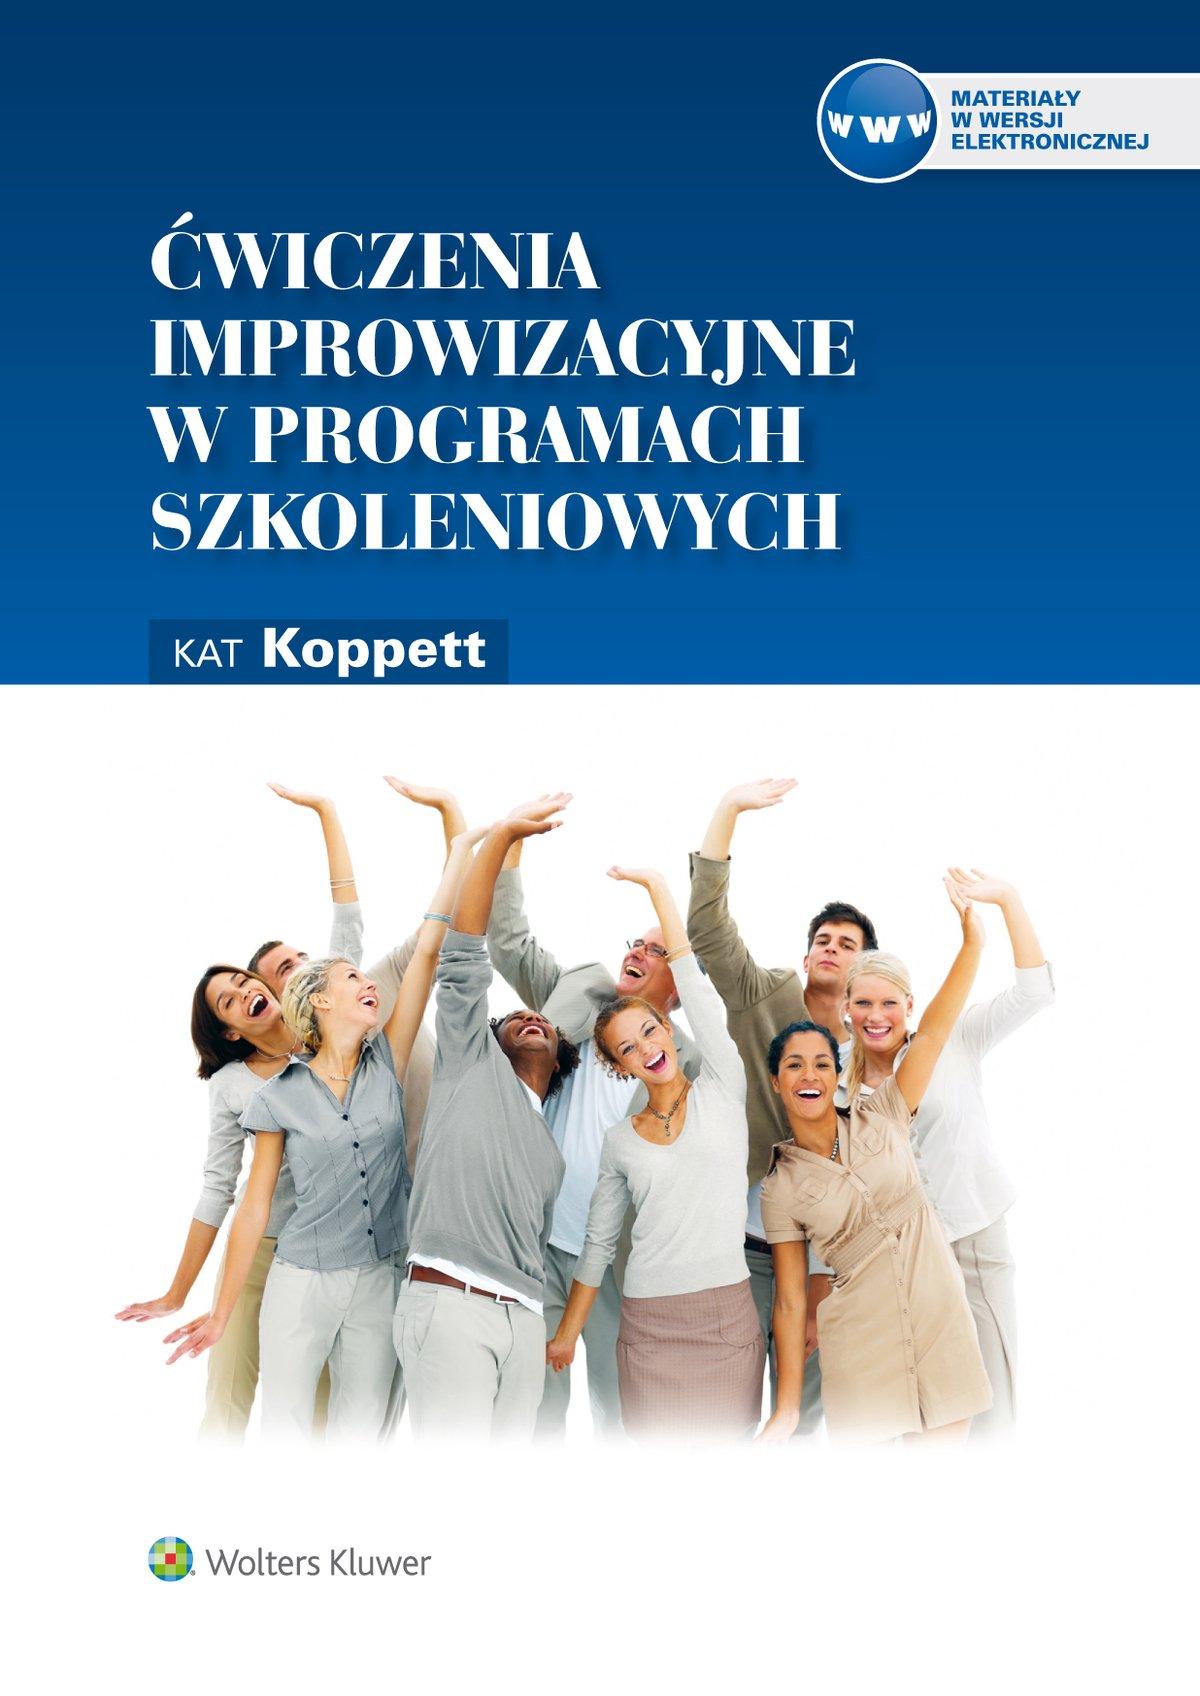 Ćwiczenia improwizacyjne w programach szkoleniowych - Ebook (Książka EPUB) do pobrania w formacie EPUB